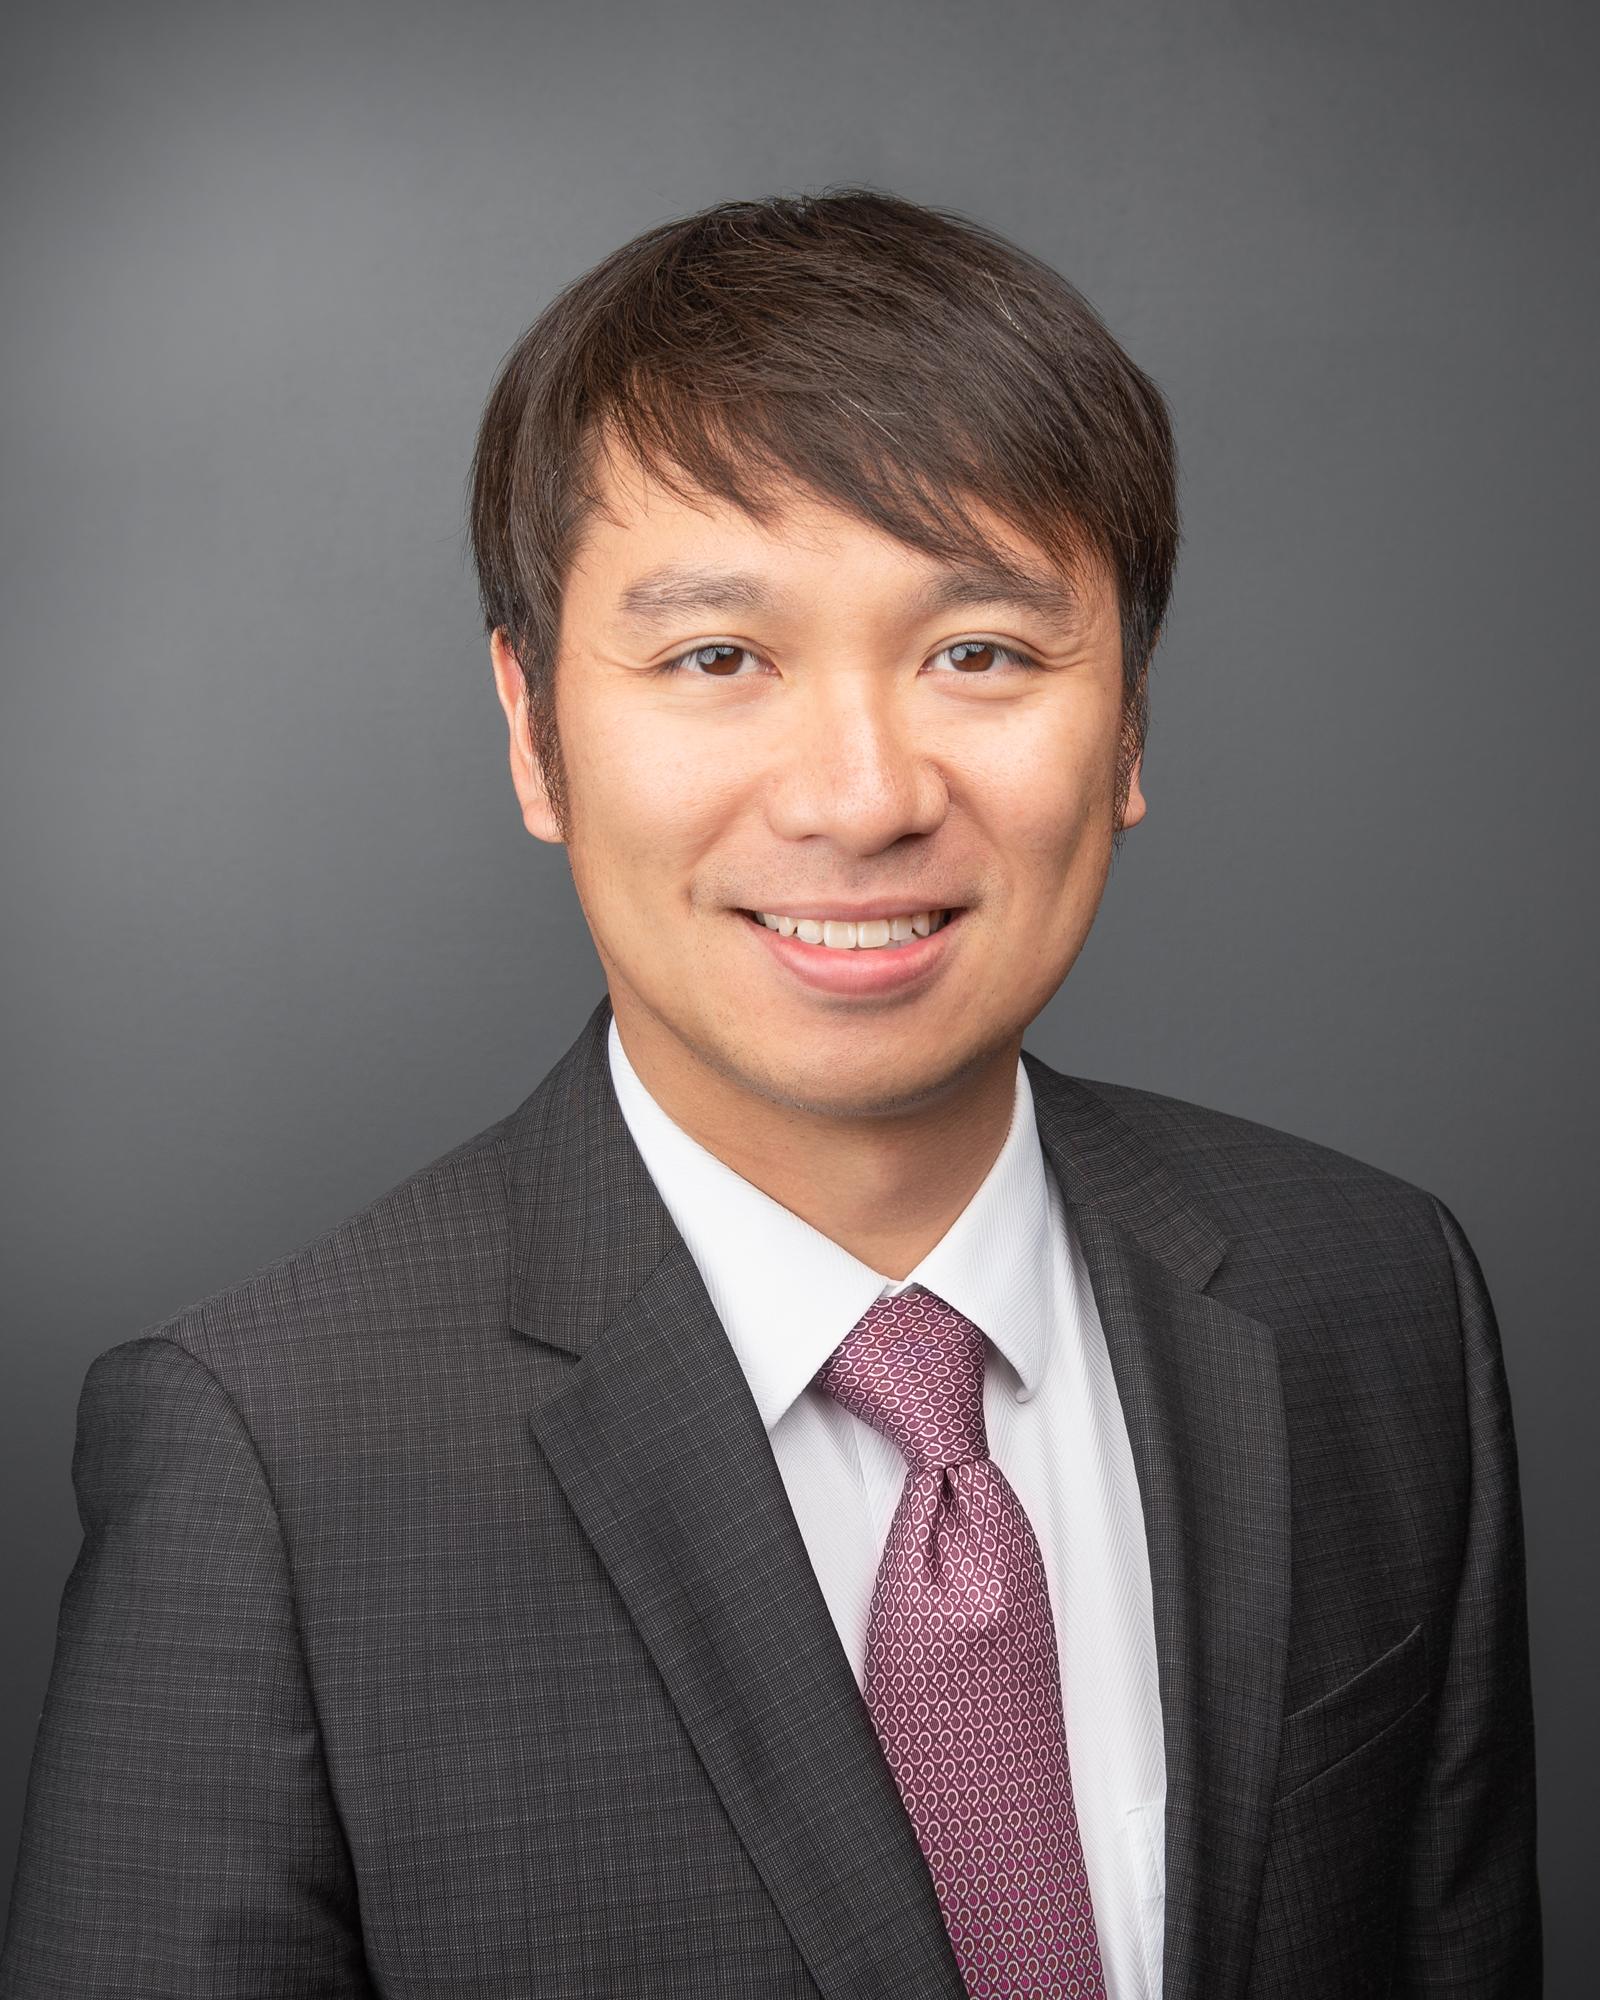 Ian-Chuang